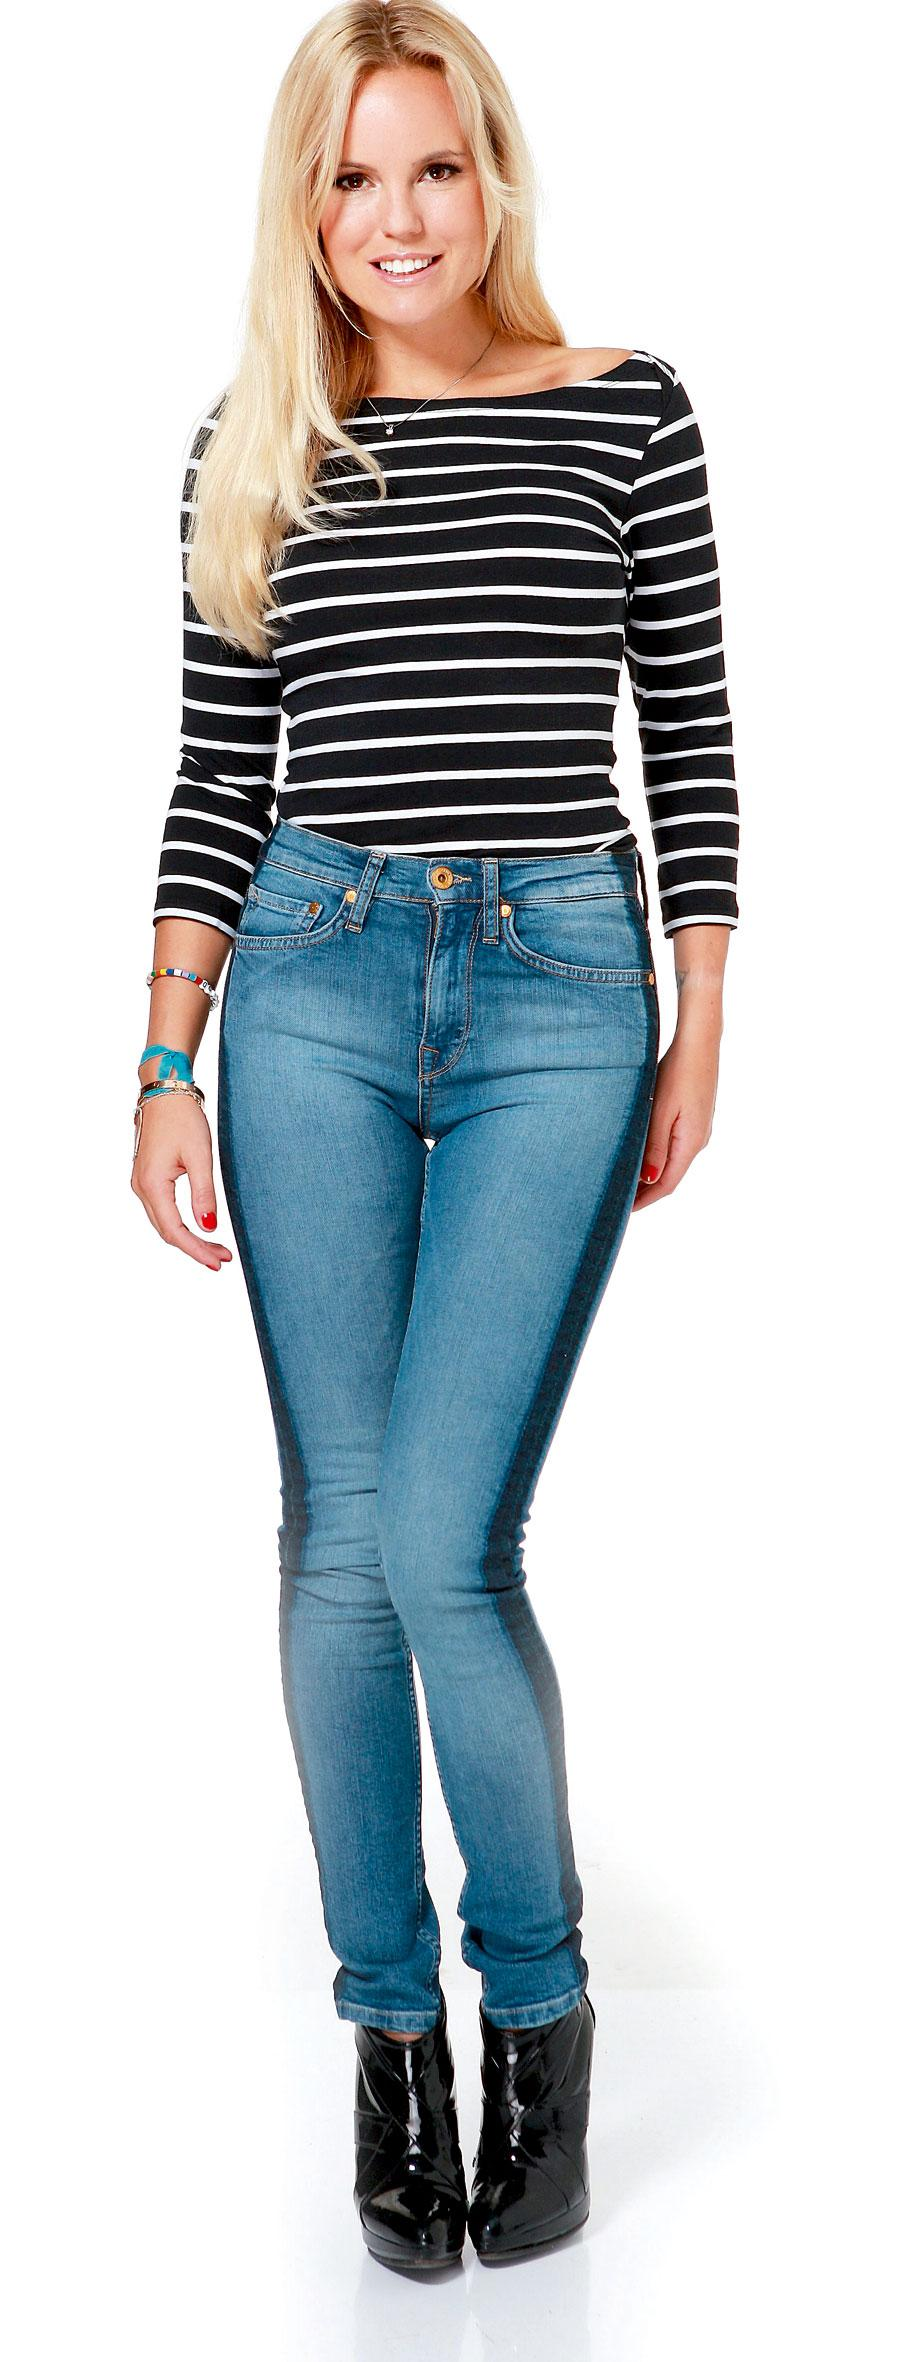 """""""Jag föredrar stuprör med lite högre midja så att benen ser längre ut. Dessutom gillar jag revärerna på dessa."""" Crocker/JC, 599 kronor."""